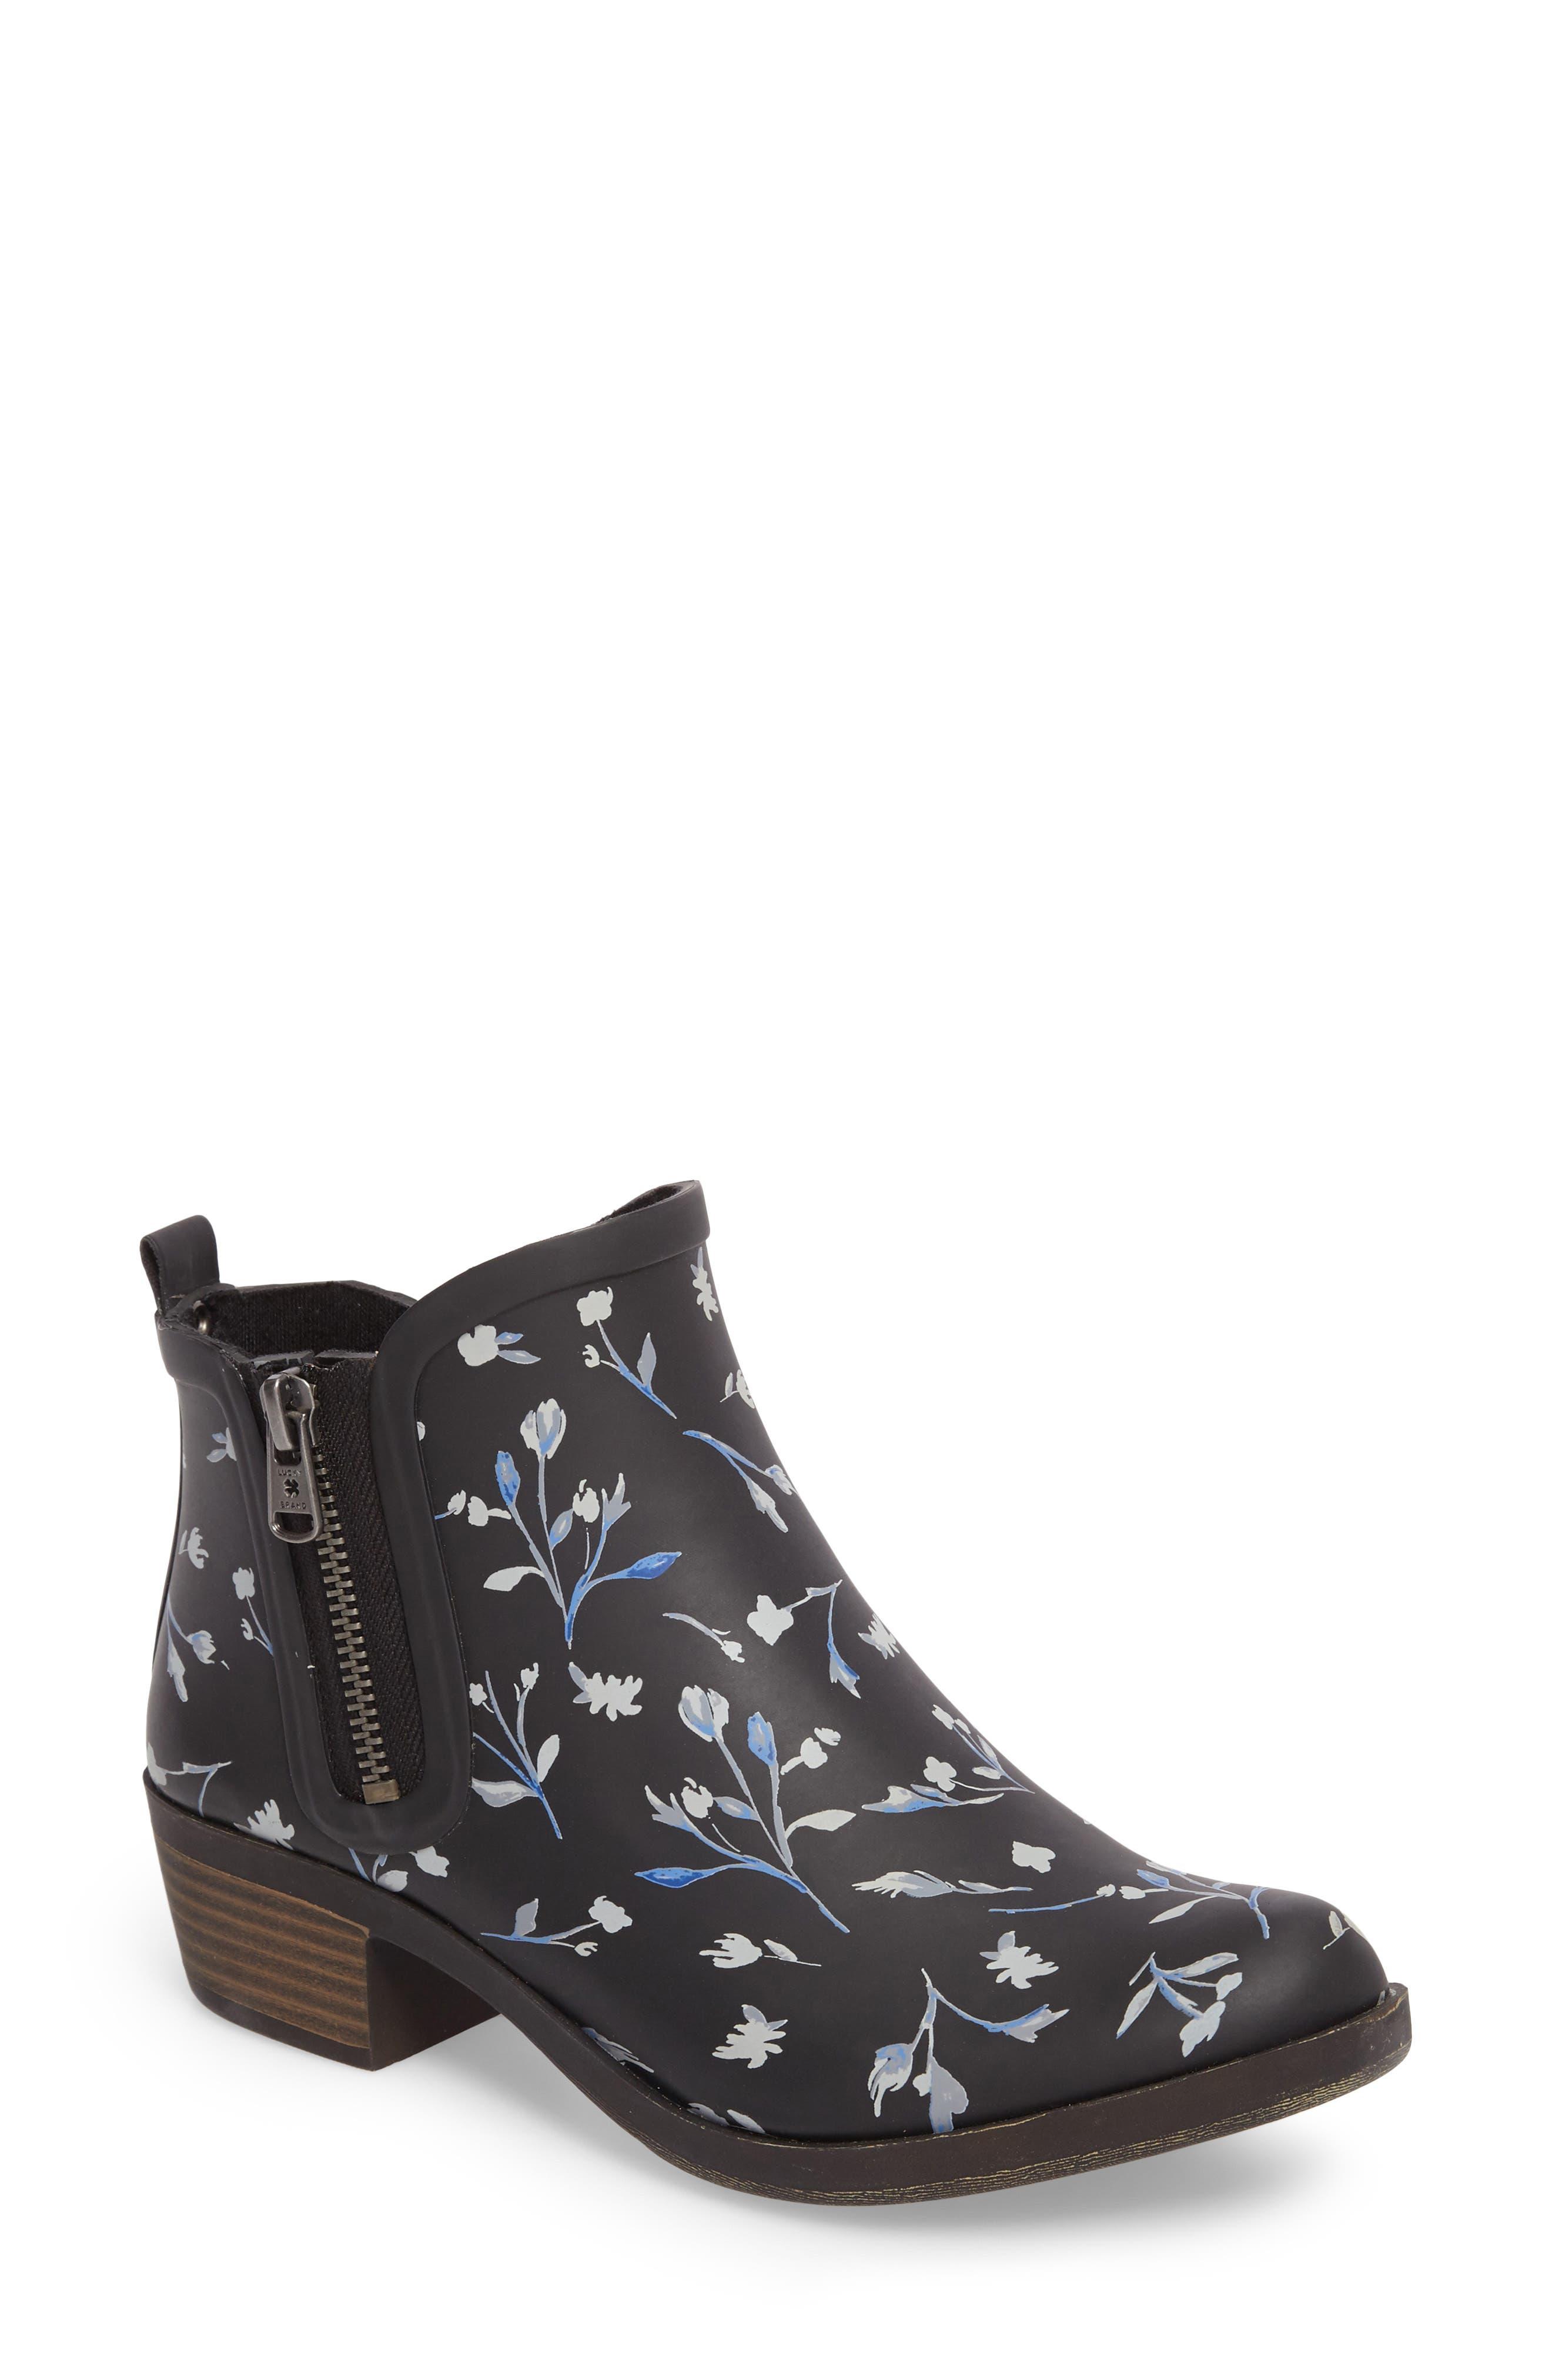 Baselrain Rain Boot,                         Main,                         color, 002